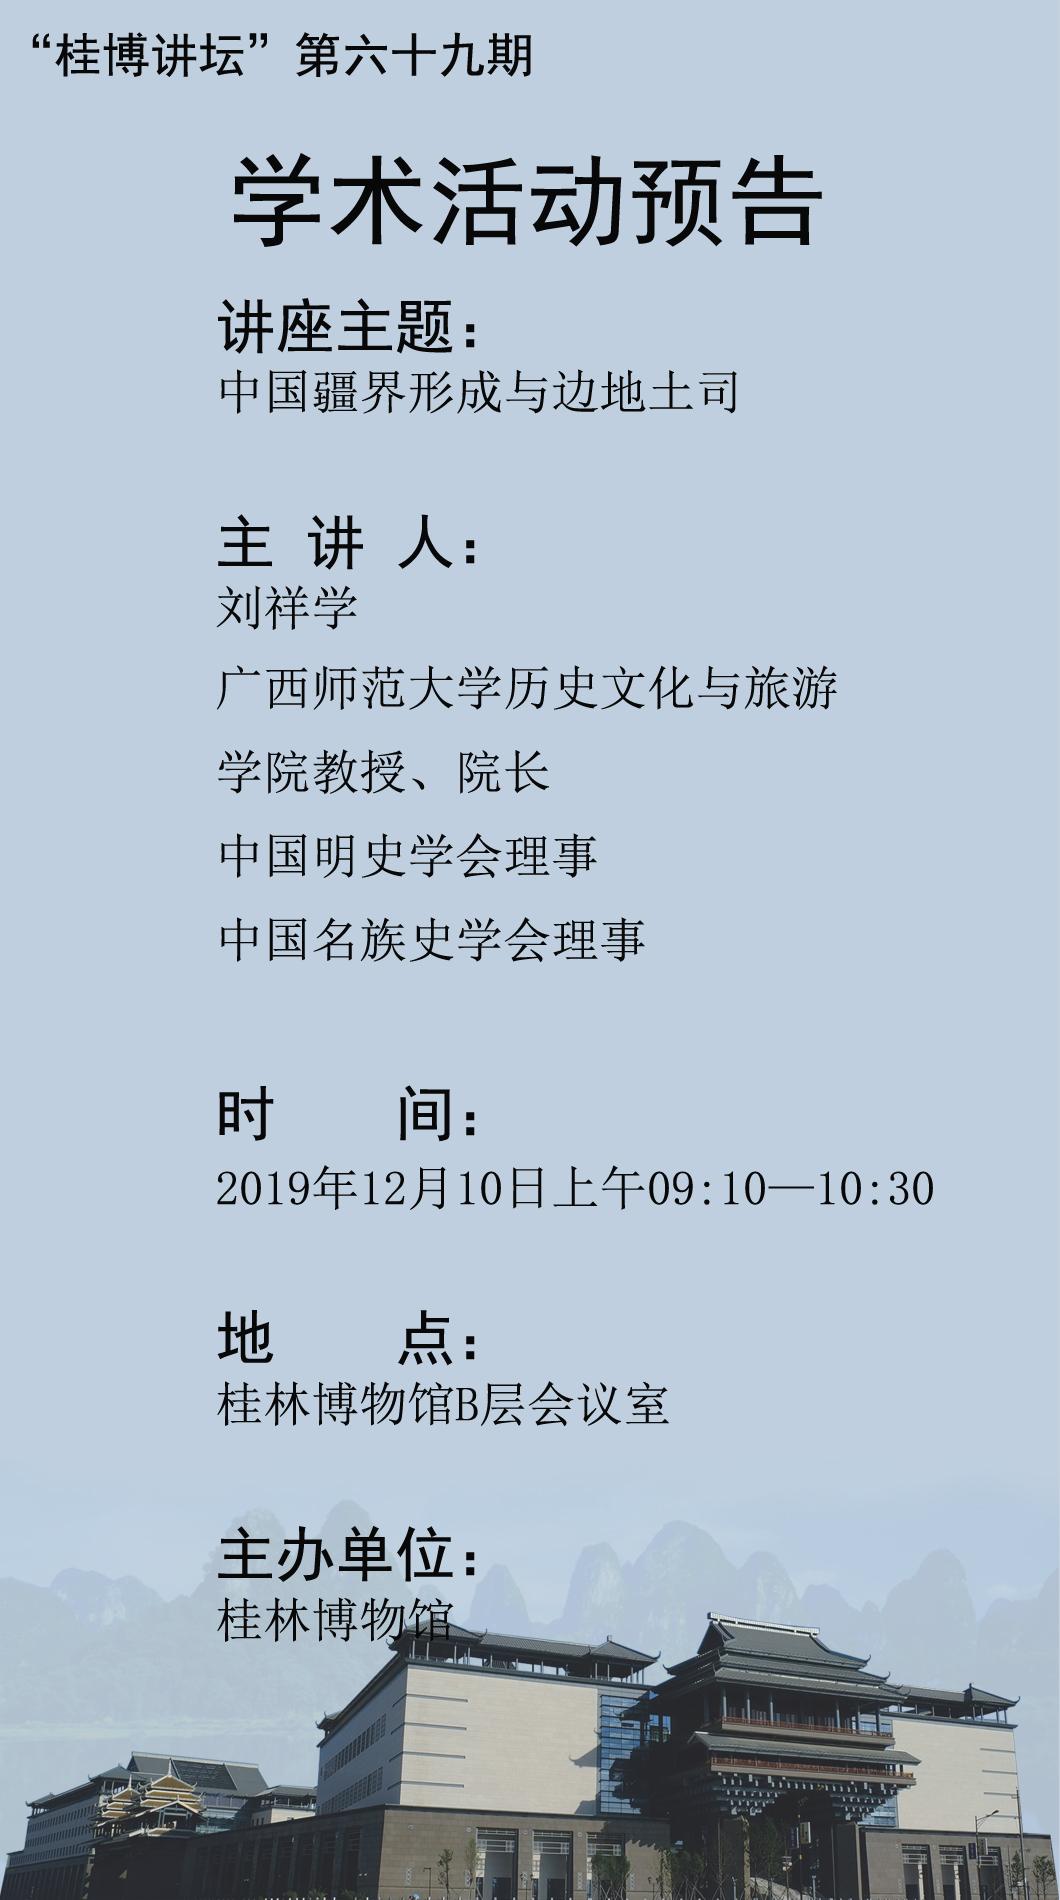 學術活動預告69期.jpg